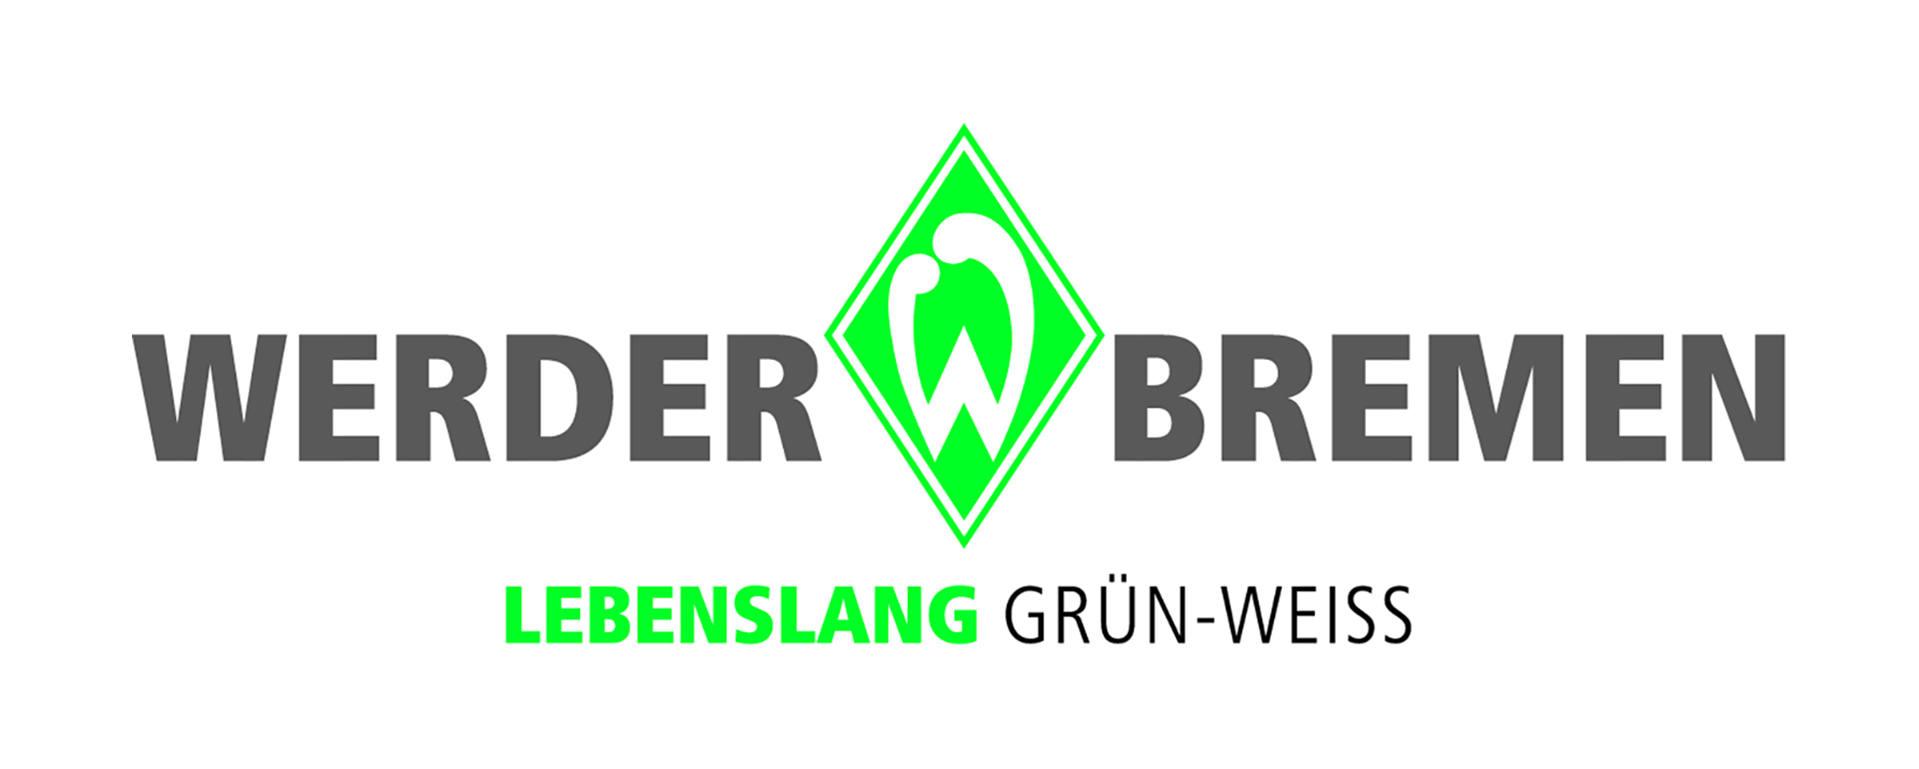 Außergewöhnlich Richtlinien und Logos | SV Werder Bremen @CK_57